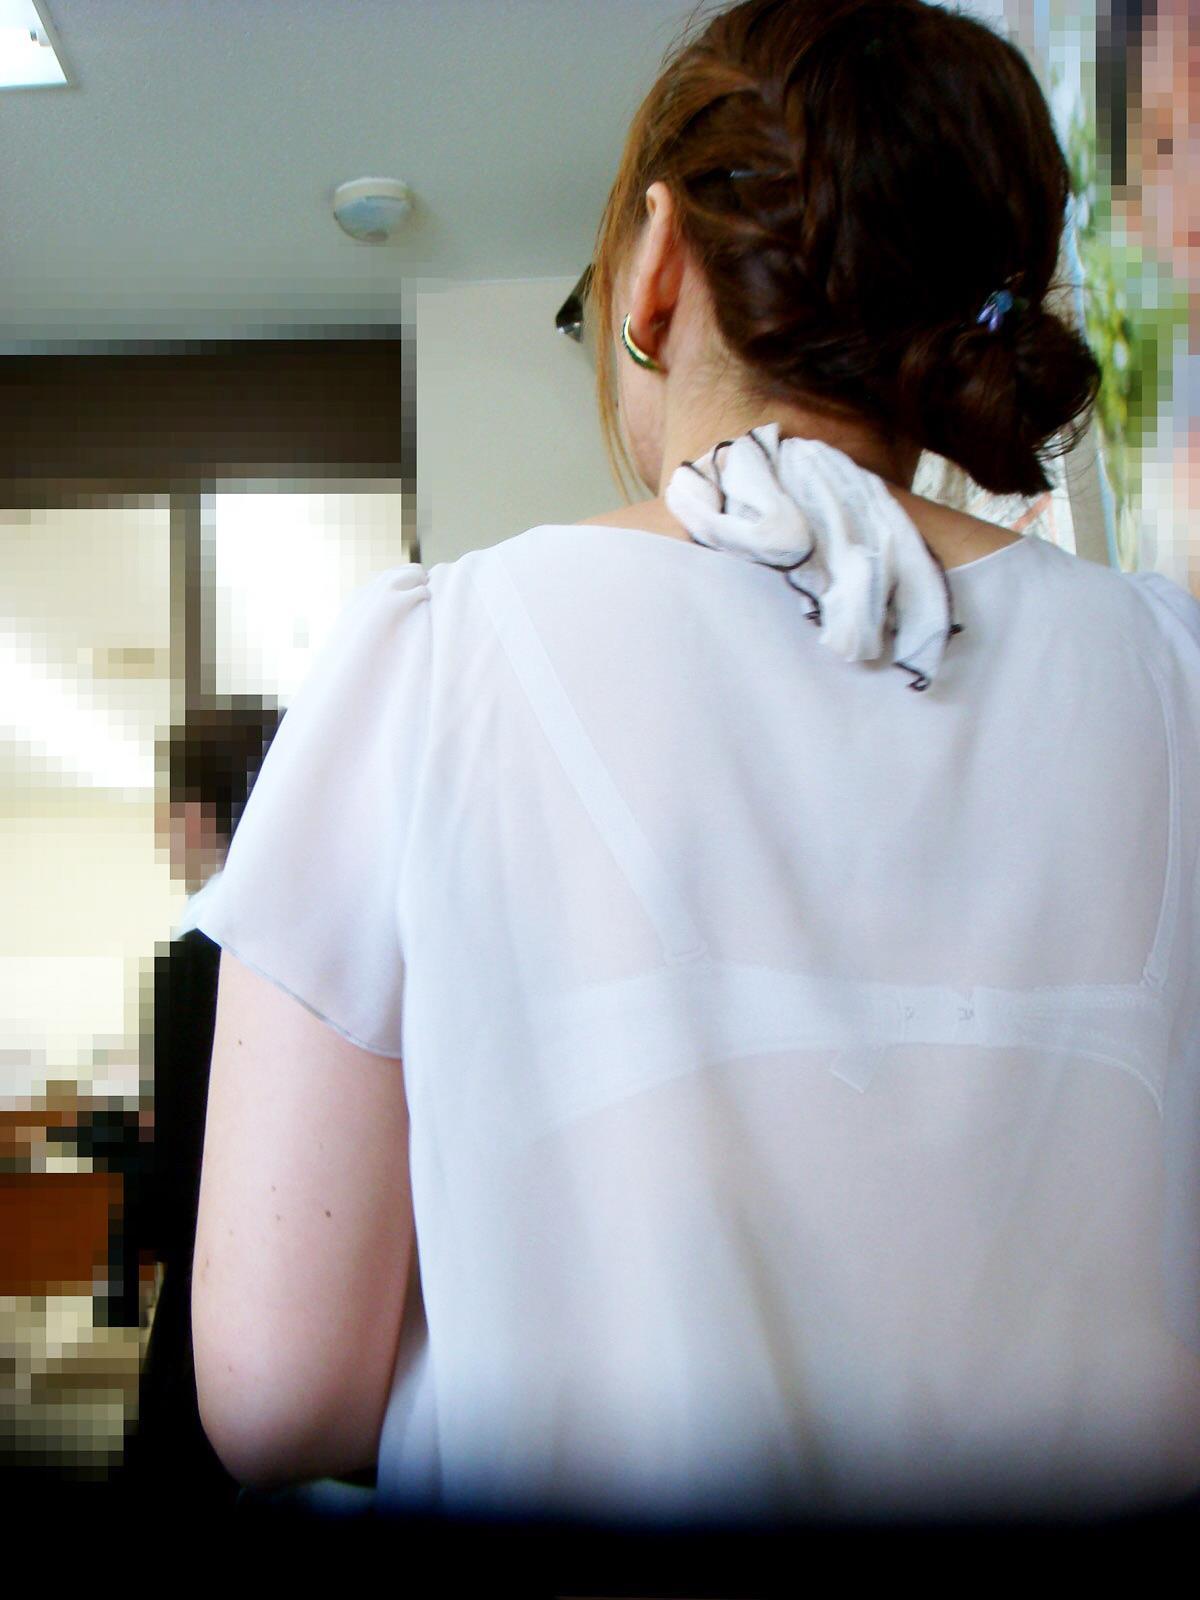 下着が背中や胸から透けてる (7)